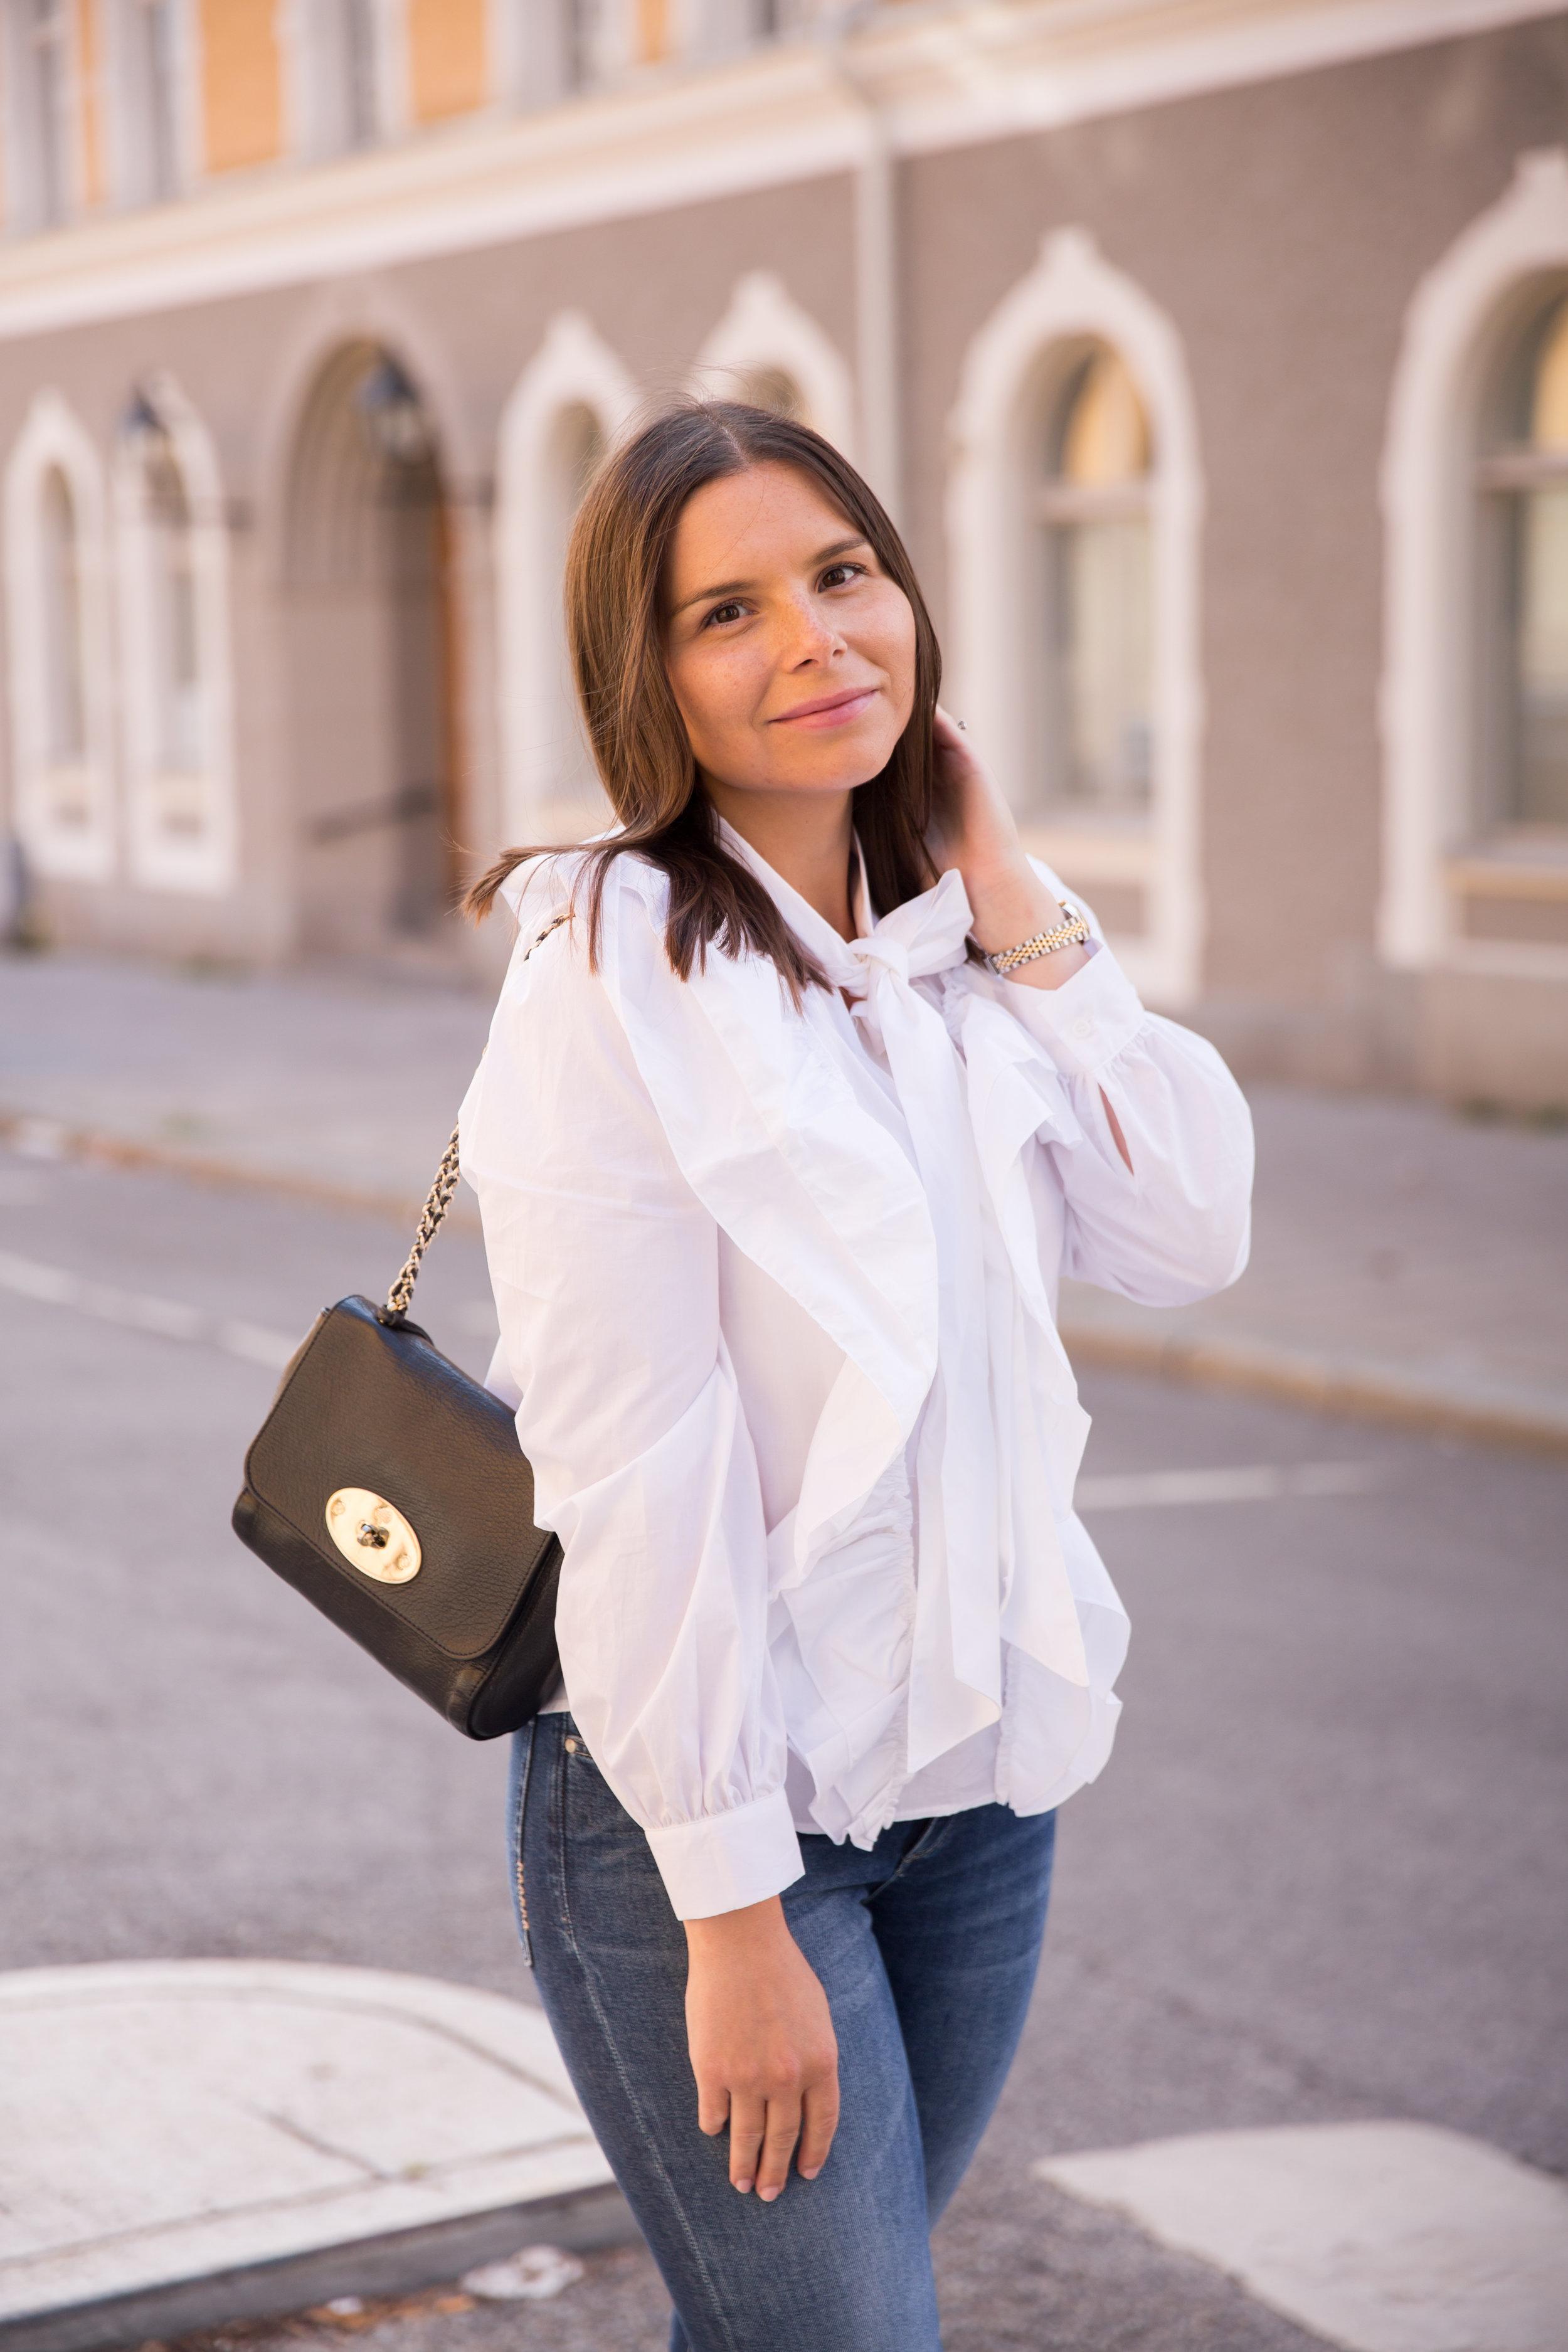 Angelica Aurell stil jeans blus saker stil klassiskt mode mulberry lilyjpg